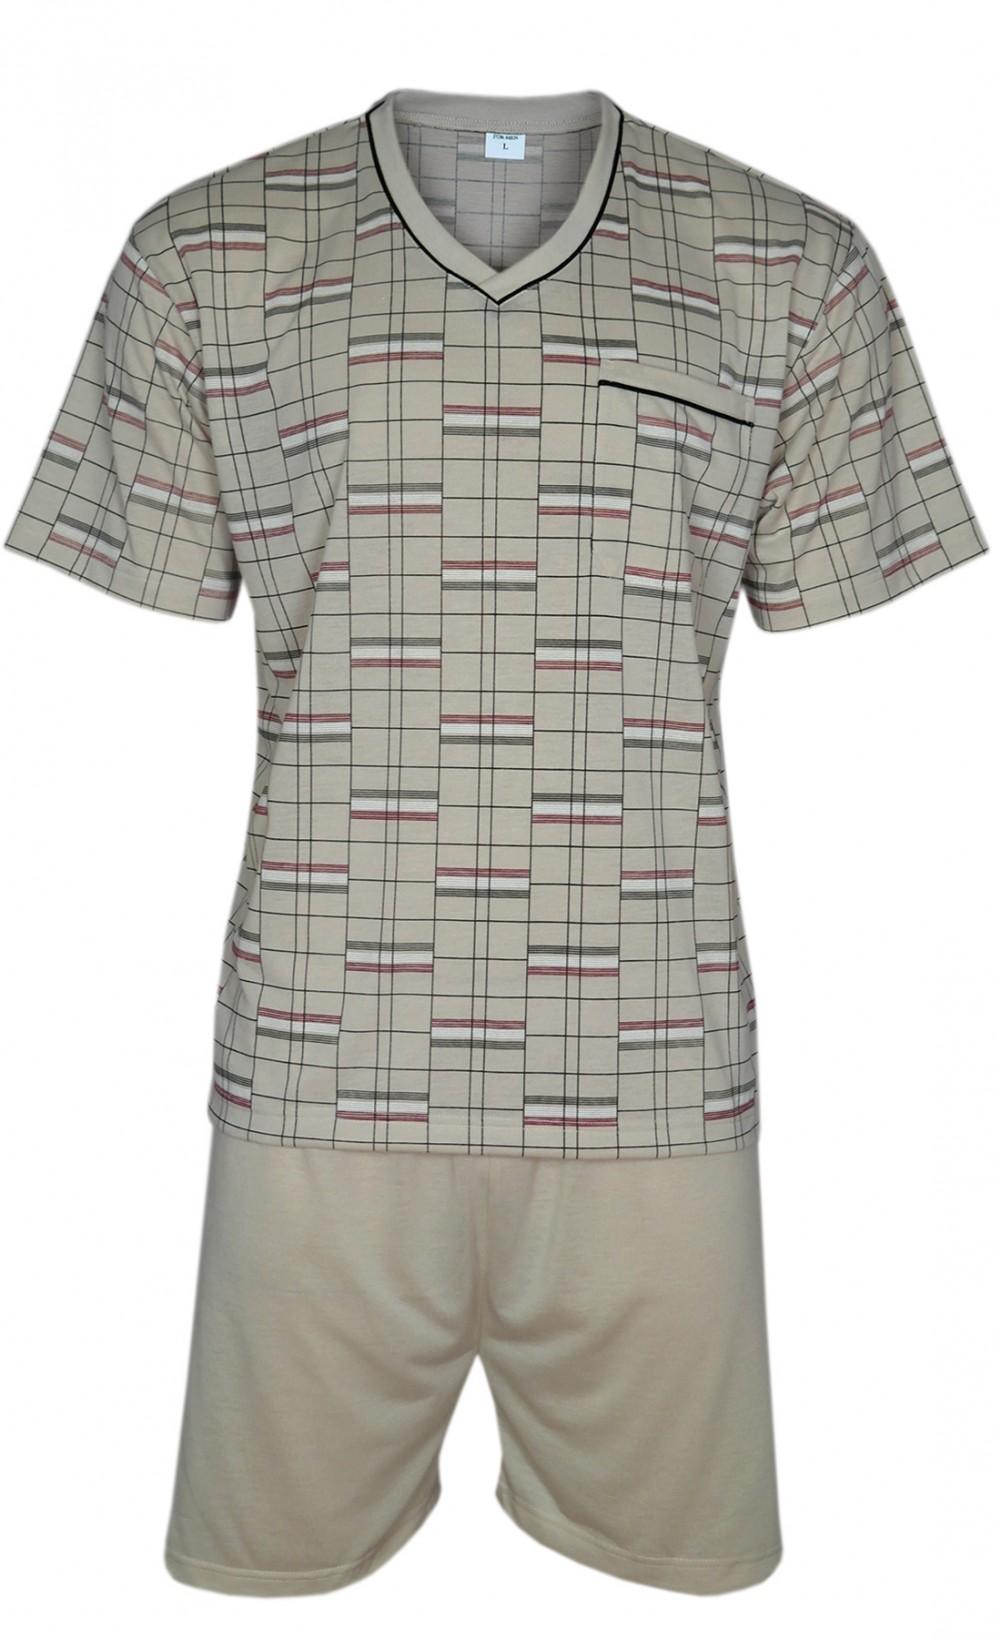 FORMEN - Kurzer Herrenschlafanzug, Pyjama mit Shorty 100% Baumwolle - Beige